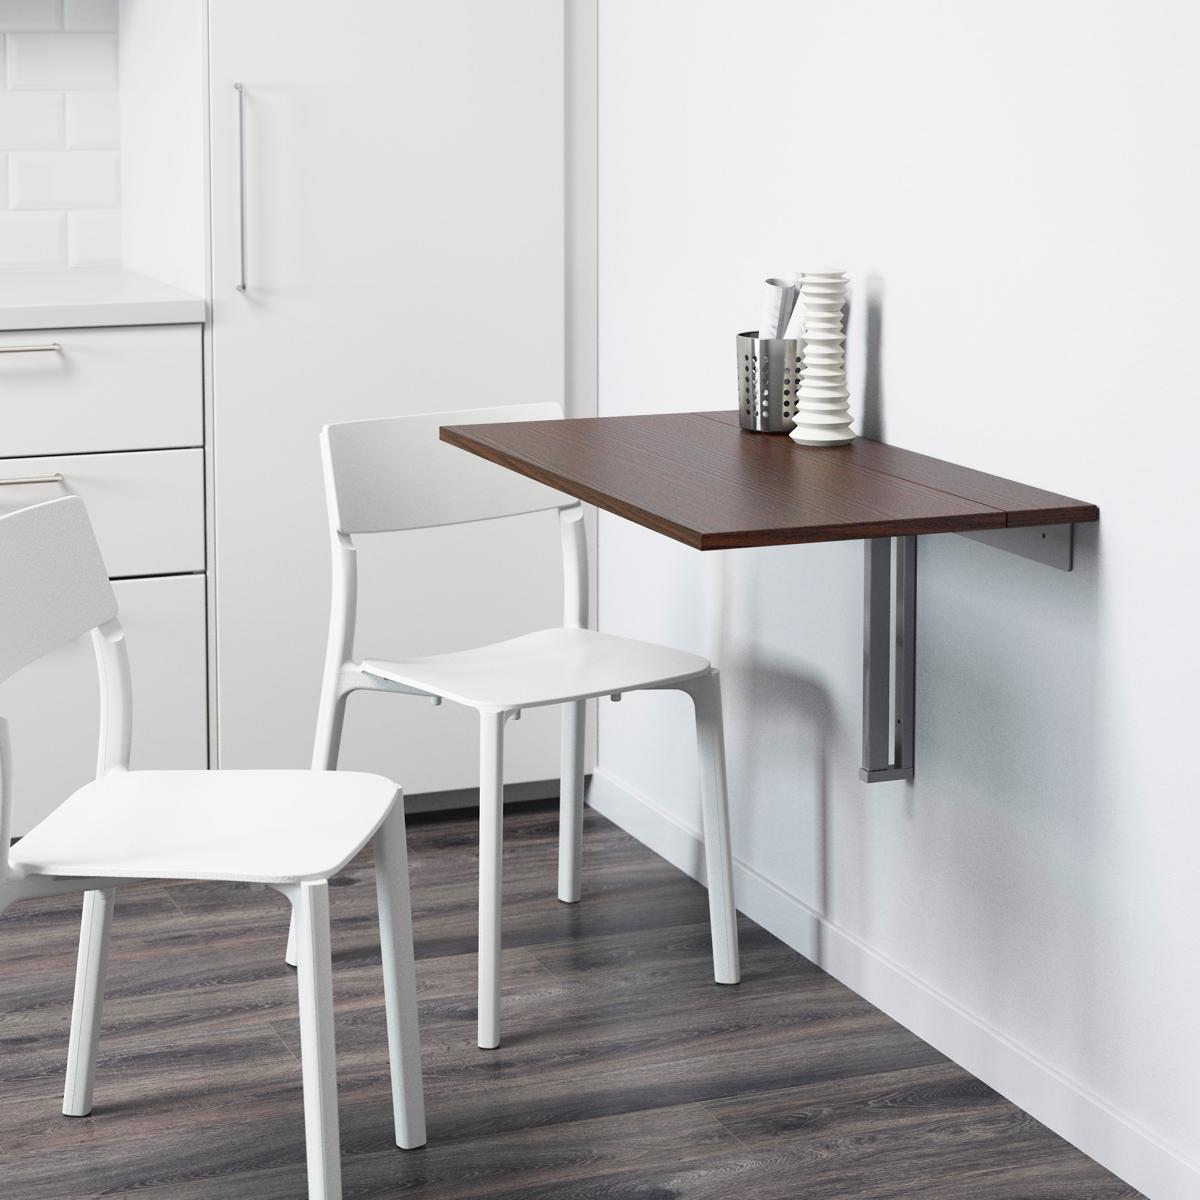 mesas abatibles Ikea - Bjursta